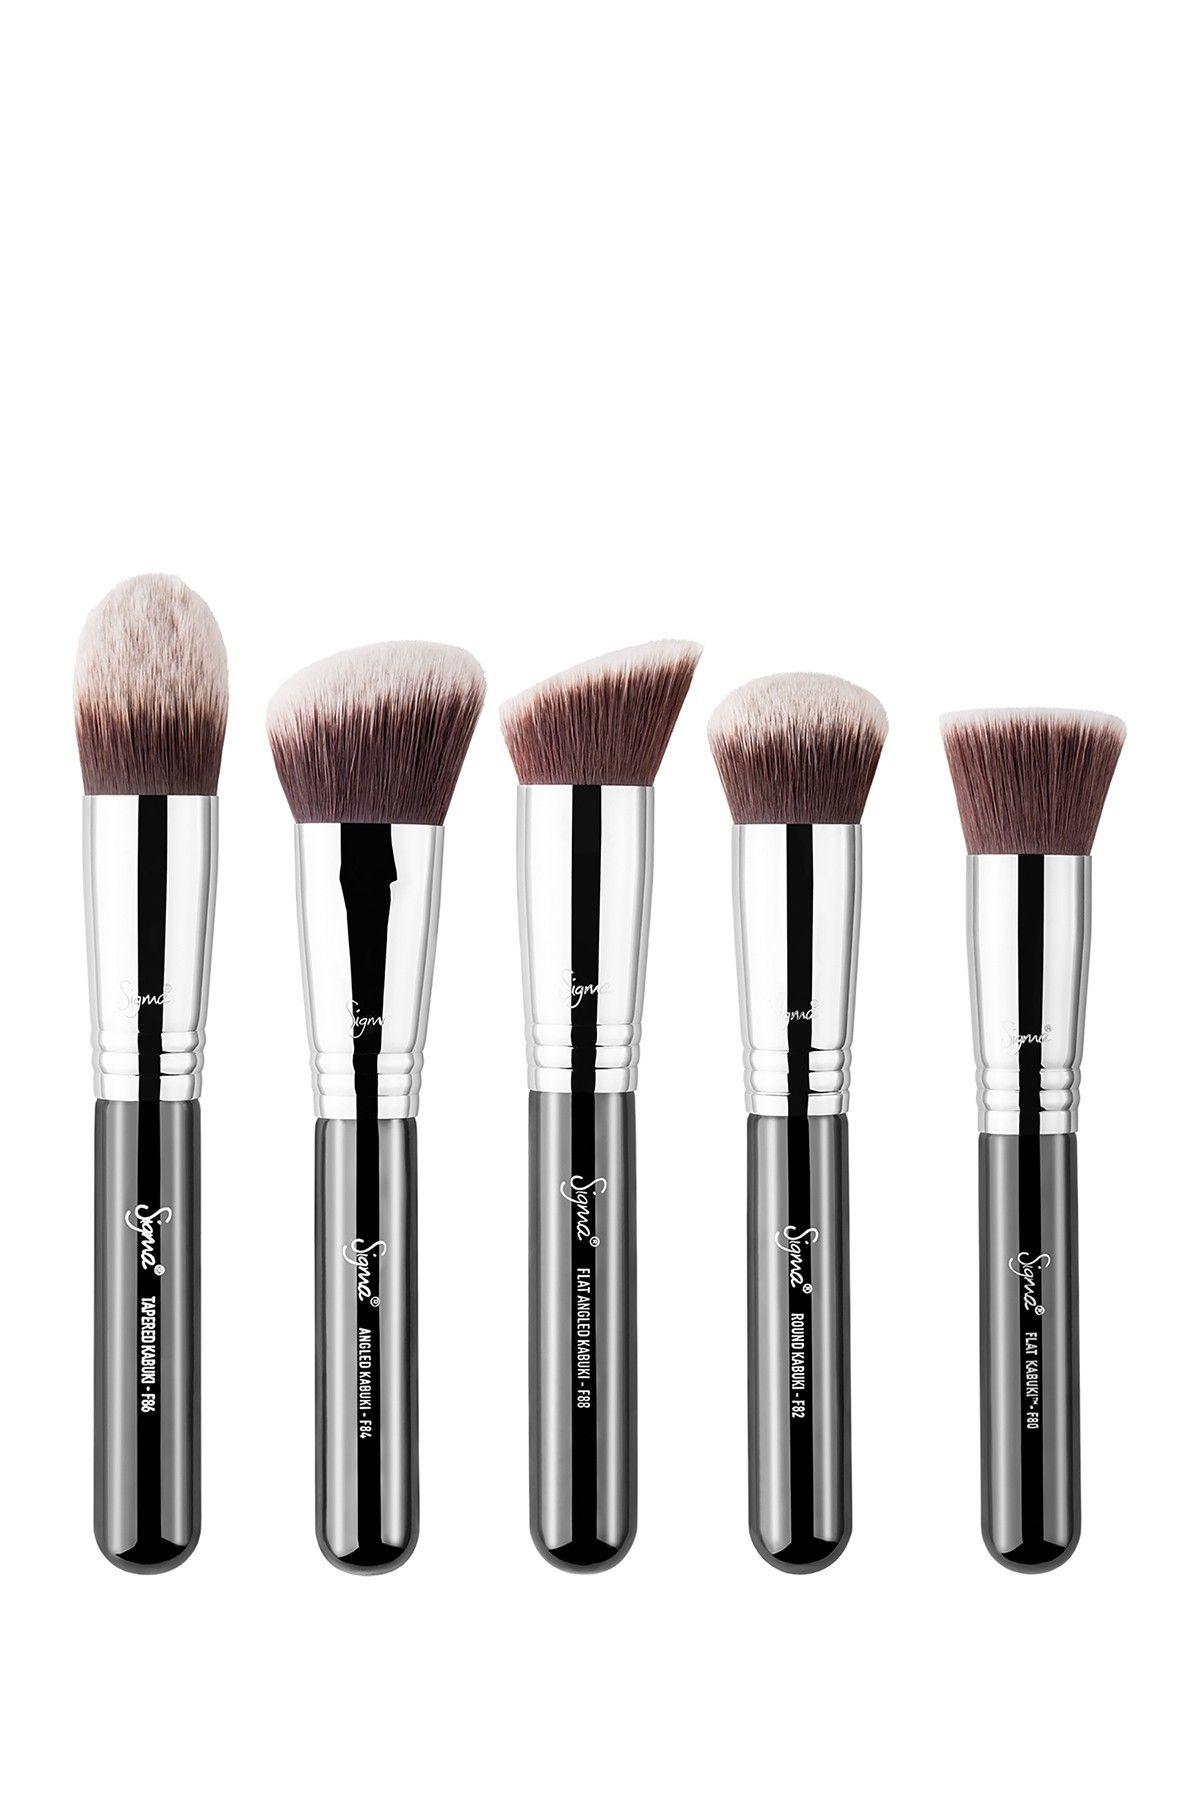 SIGMA Kabuki 5 Brush Kit Flawless makeup application